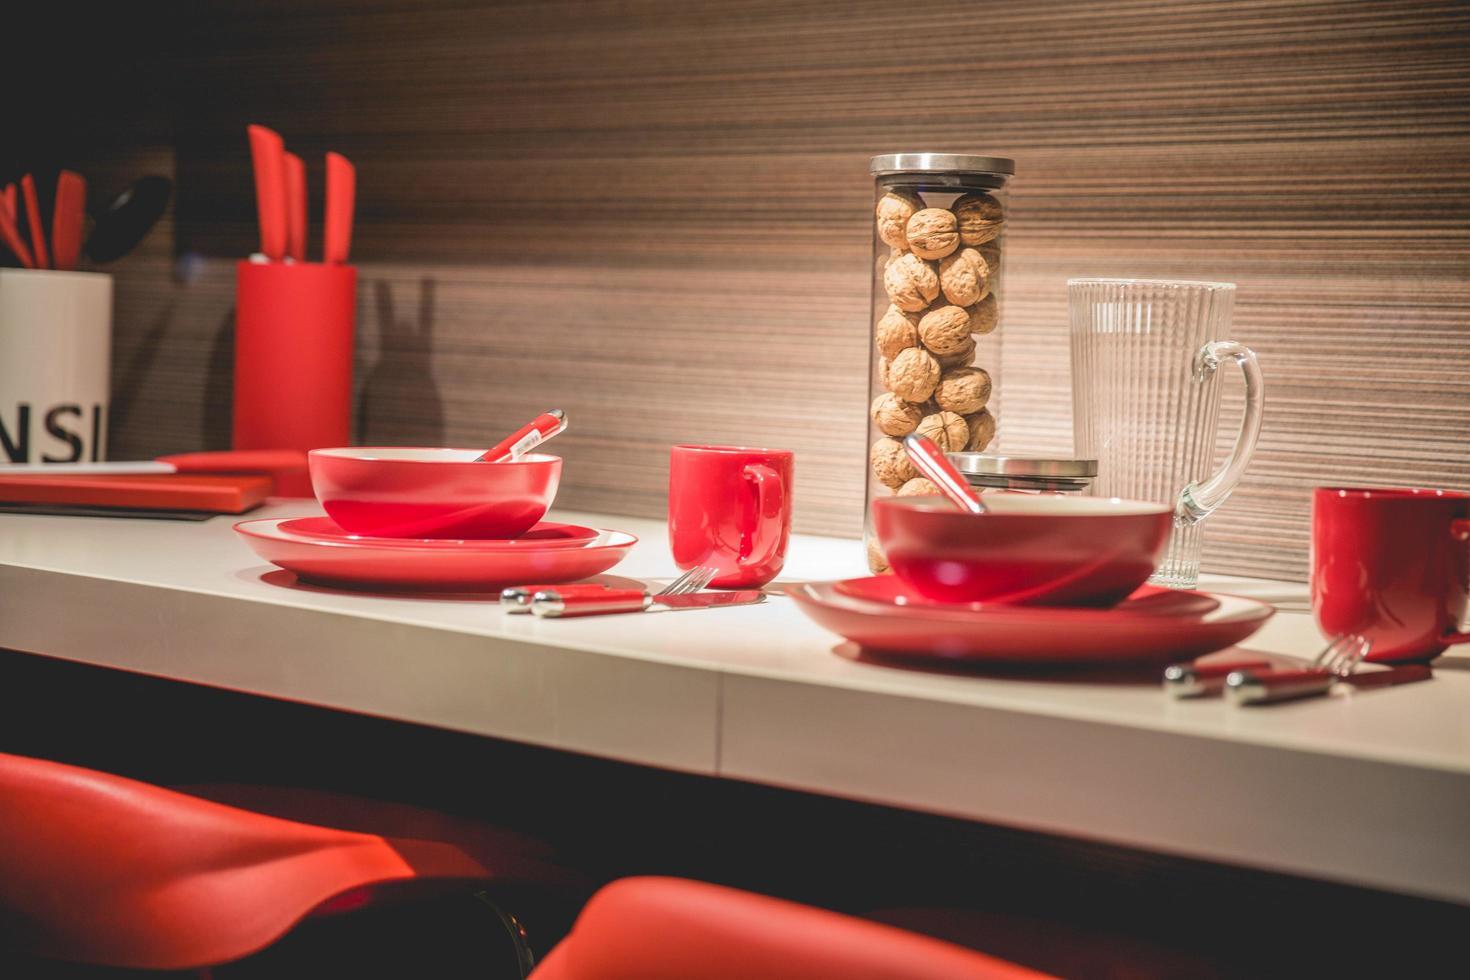 rood serviesje foto